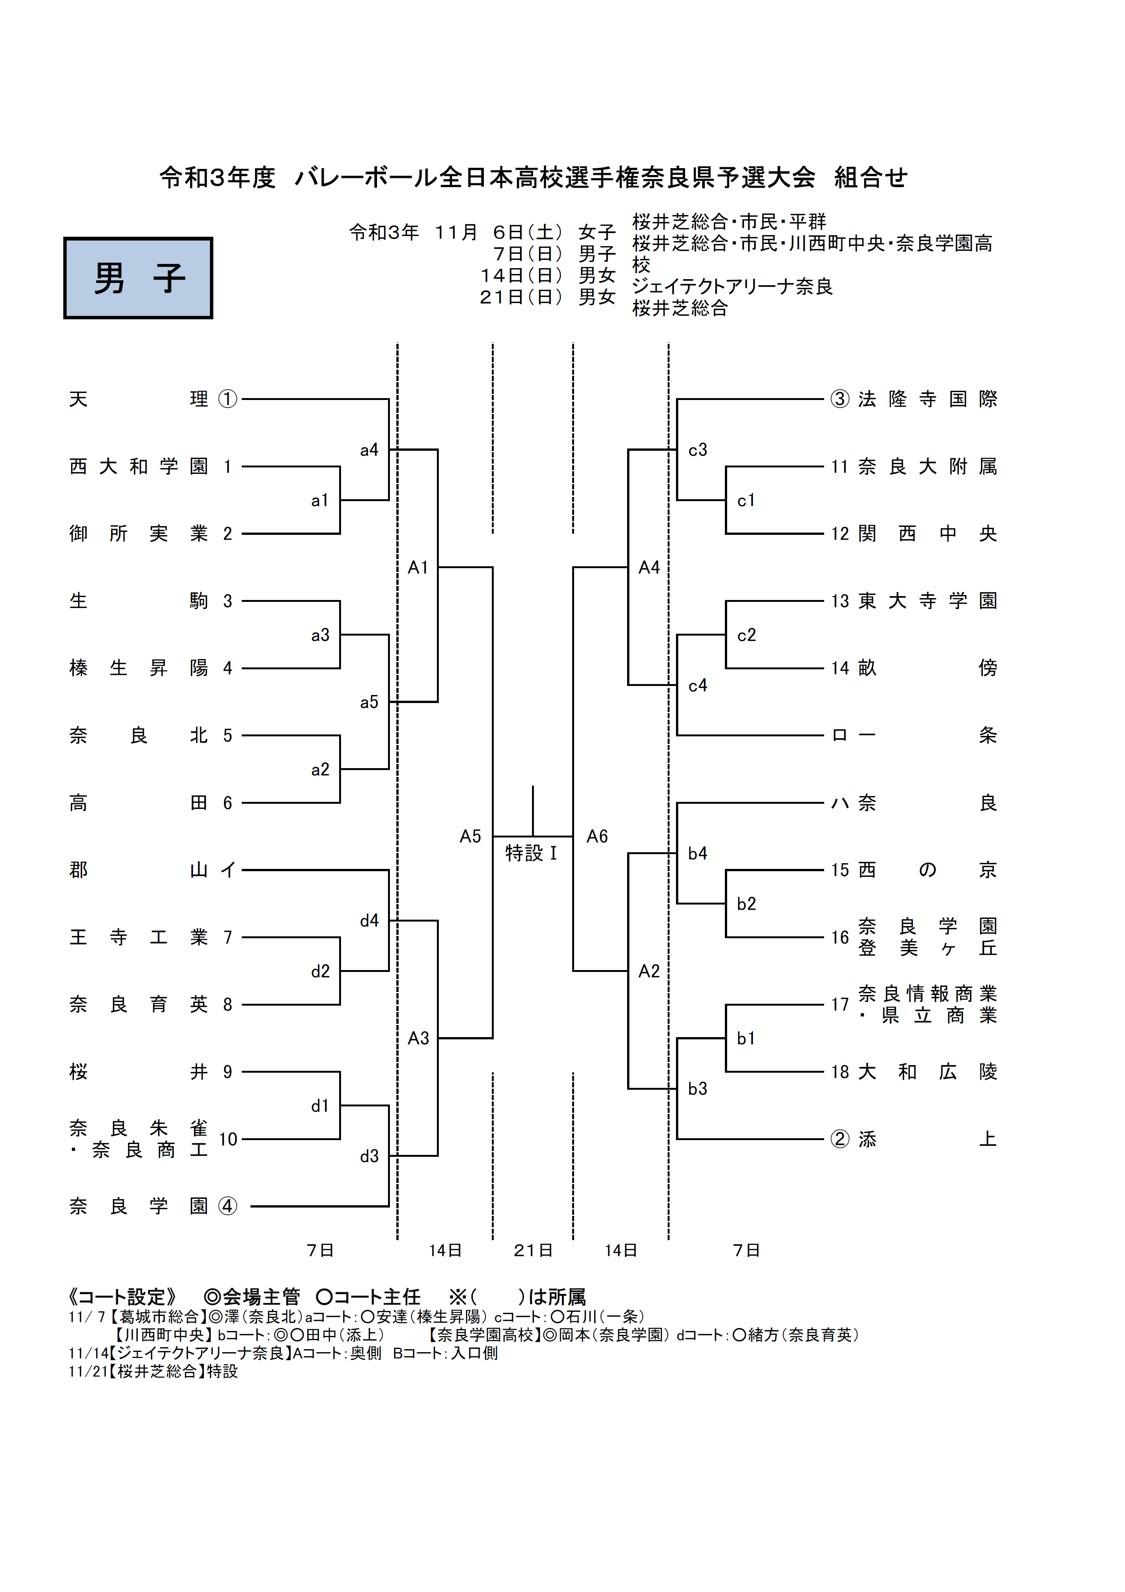 2021年度_全日本高校選手権_奈良予選_男子_組合せ